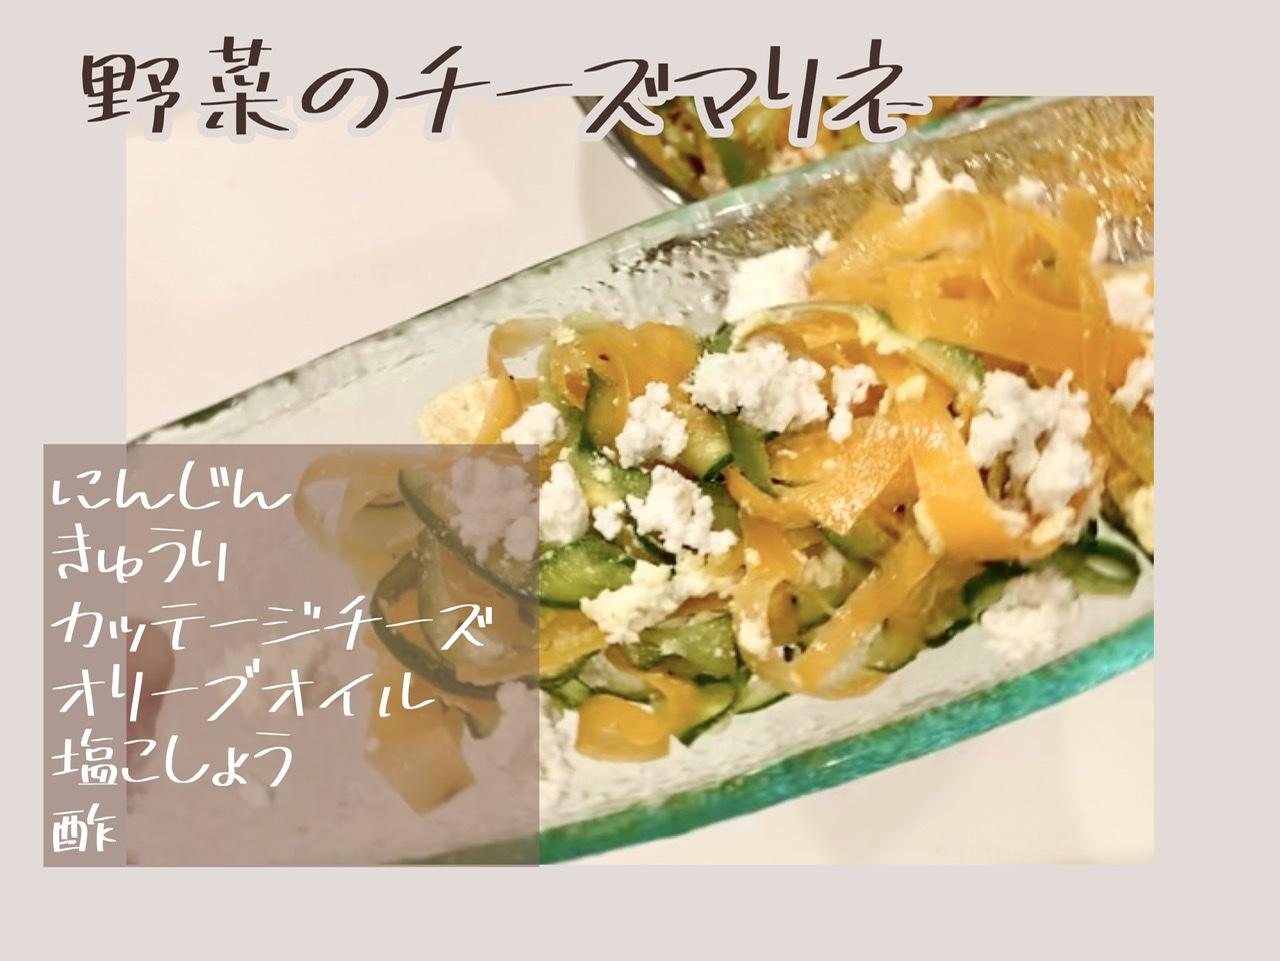 【レシピ】カッテージチーズでオシャレシピ3選_6